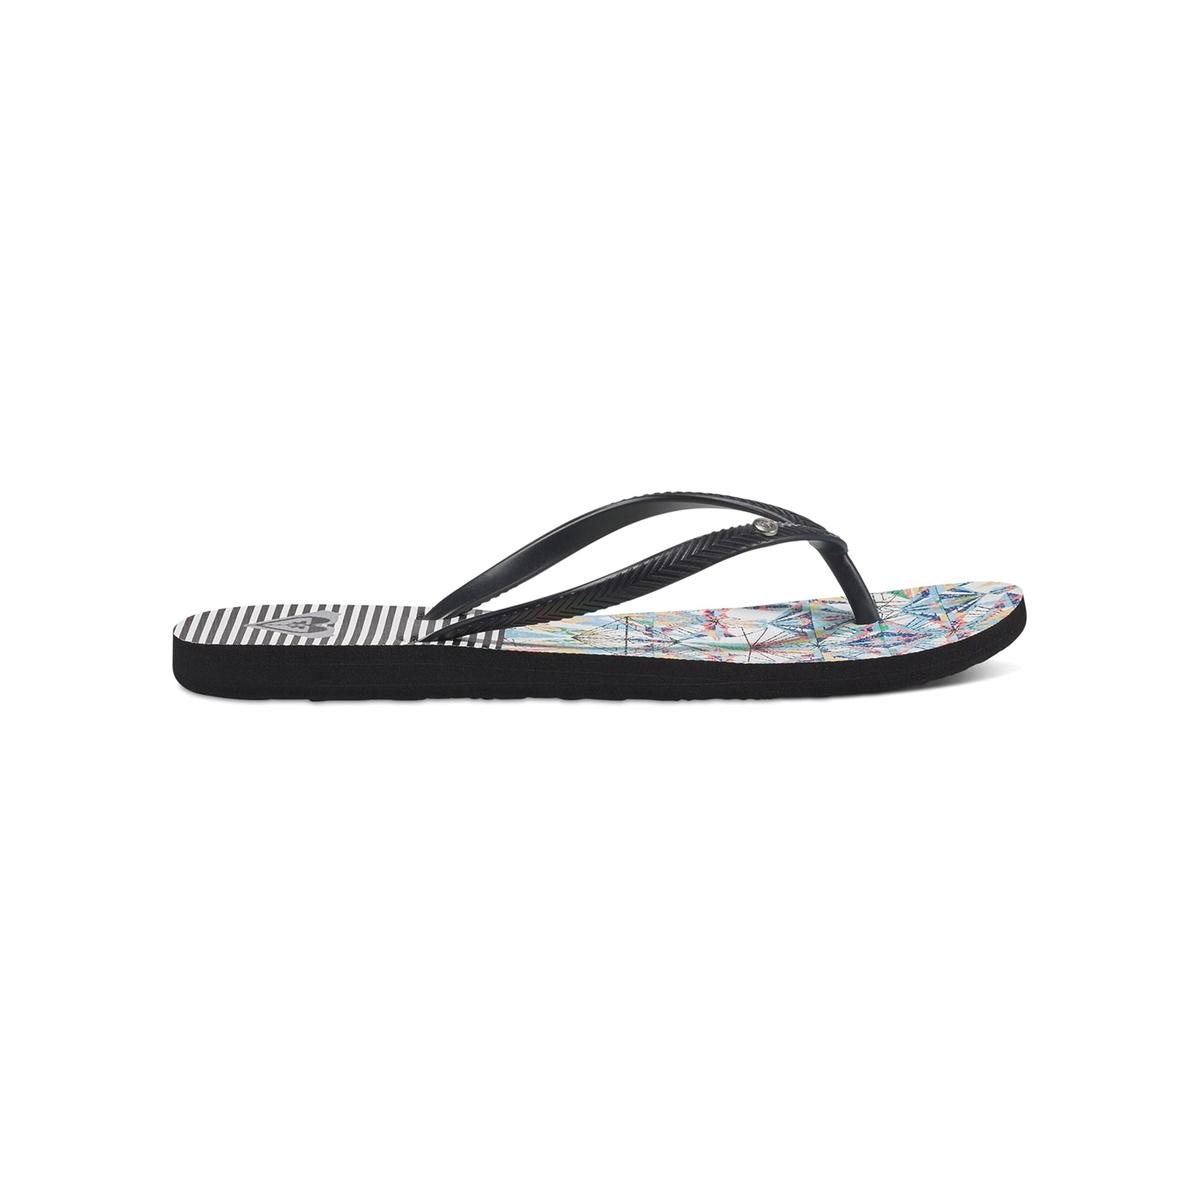 Вьетнамки BermudaВерх : синтетика   Подошва : каучук   Форма каблука : плоский каблук   Мысок : открытый мысок   Застежка : без застежки<br><br>Цвет: серый<br>Размер: 39